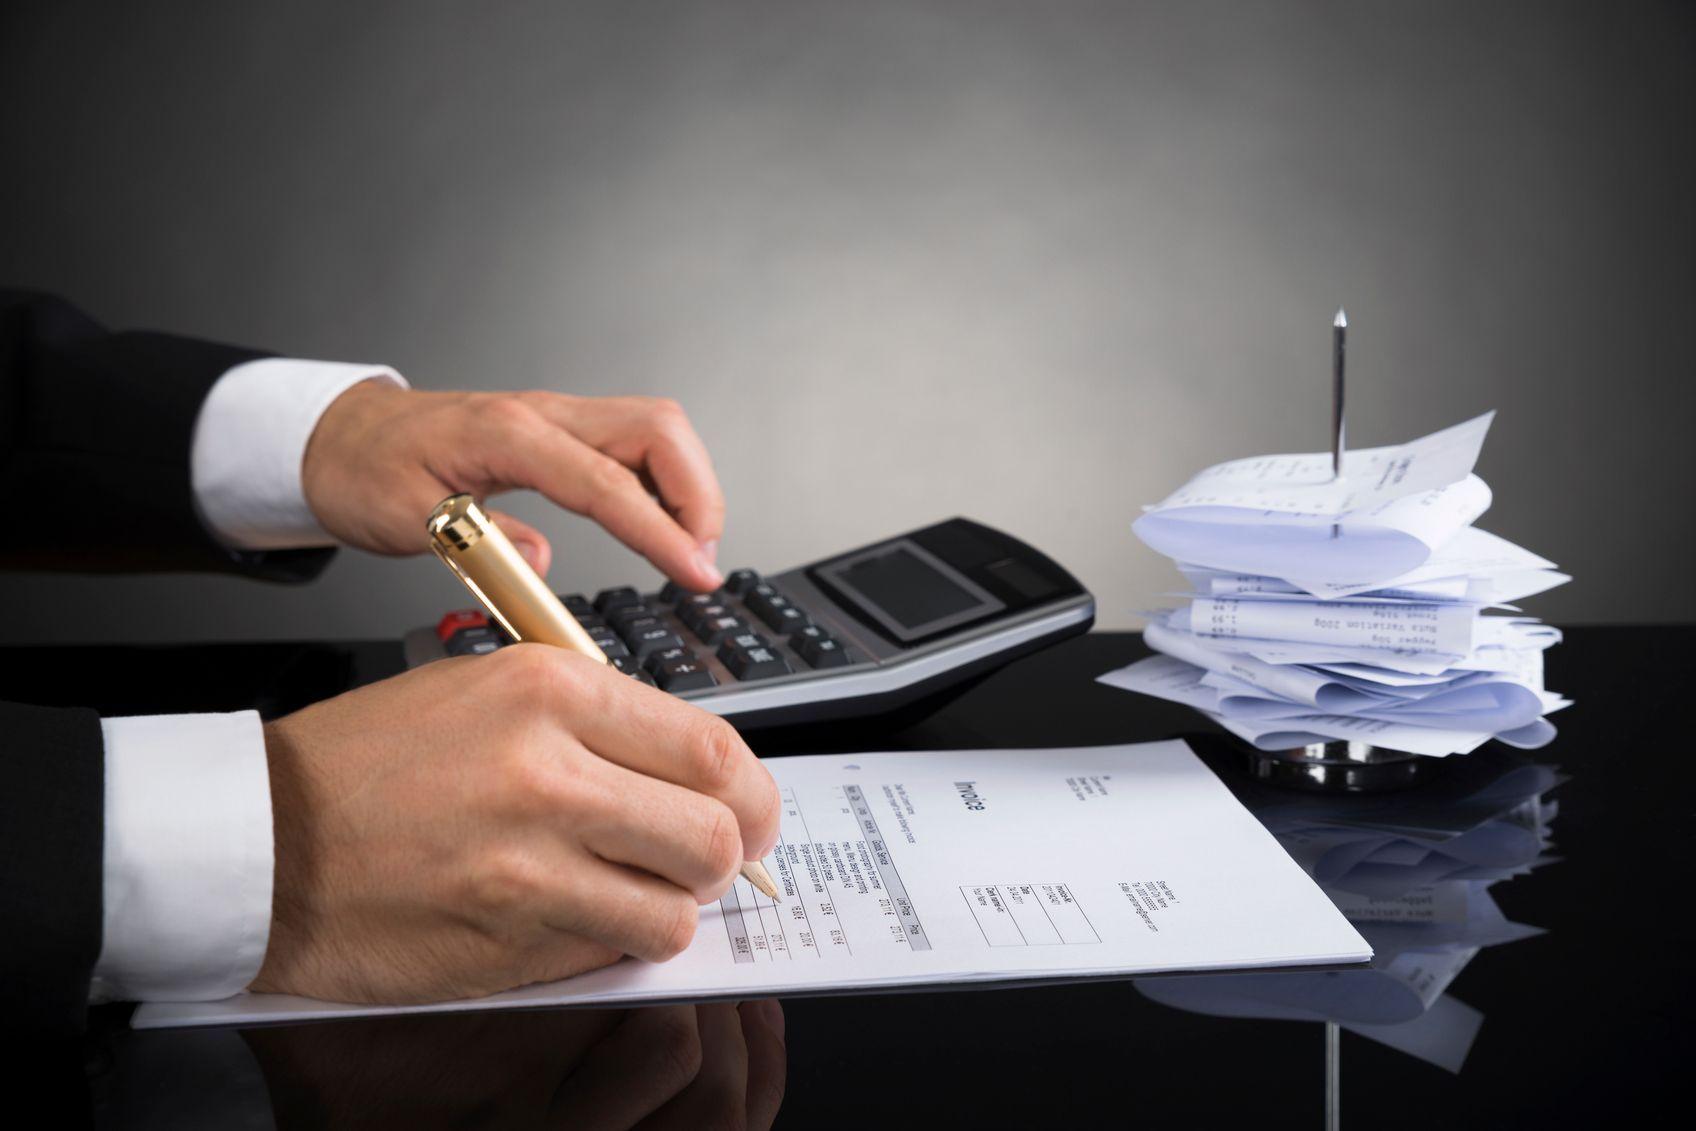 Предприниматели будут освобождены от уплаты аренды